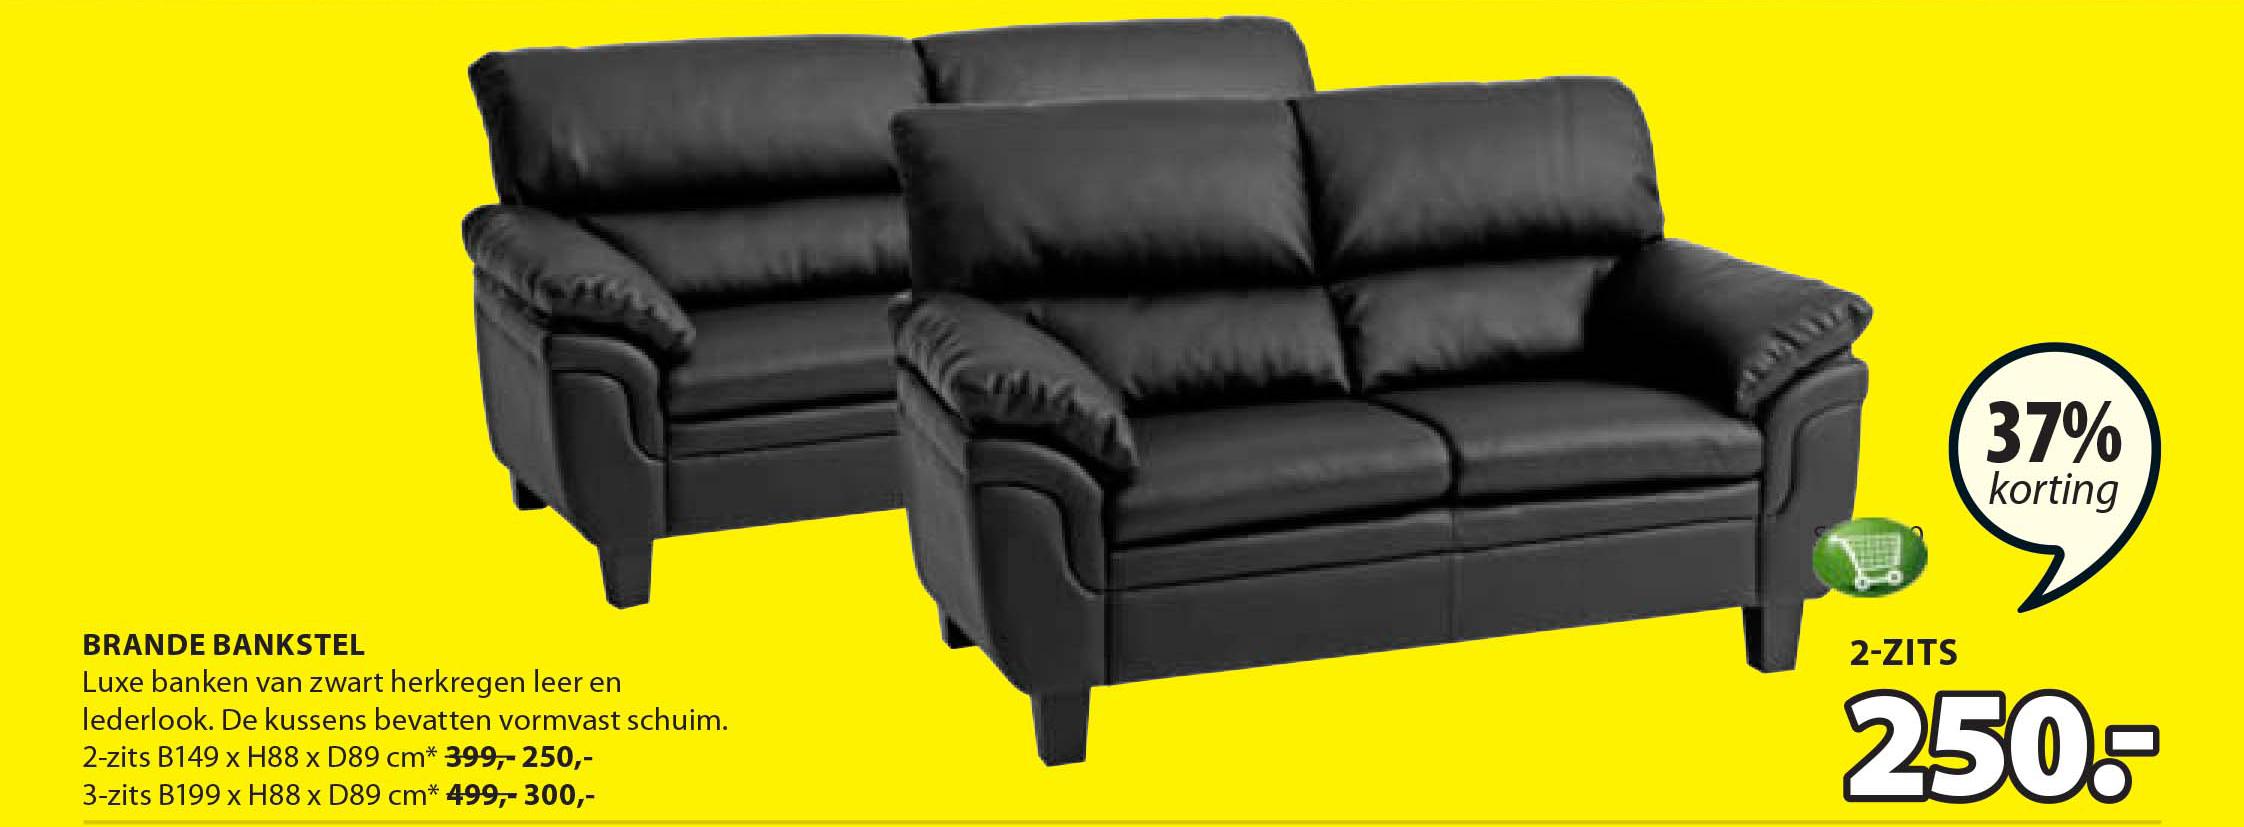 Ikea Zwart Leren Bank.Whkmp S Own Eco Leren 4 Zitsbank Lexington Aanbieding Bij Wehkamp